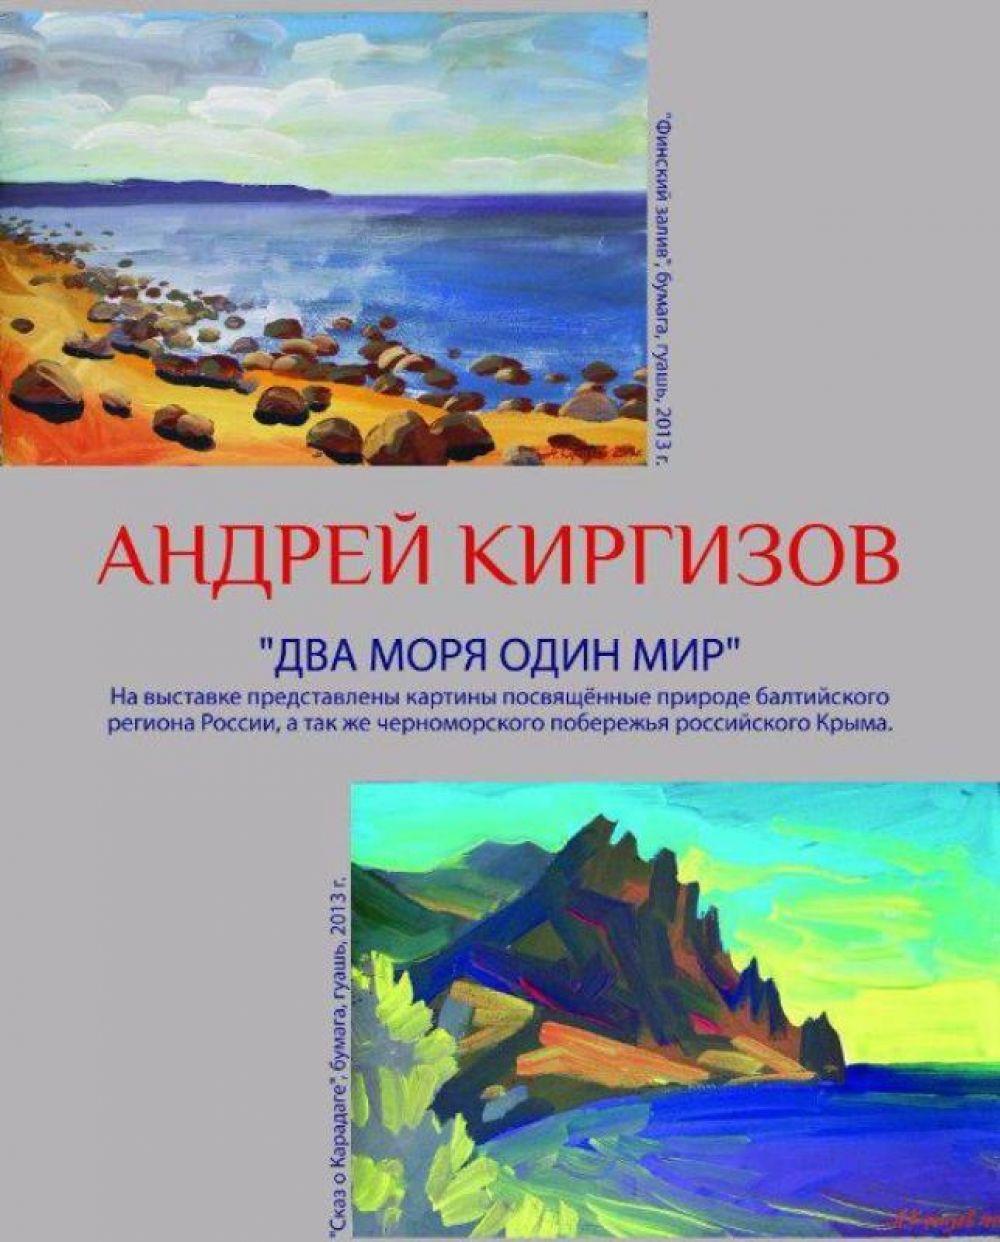 Картинная галерея Керчи покажет пейзажи побережий Балтийского и Черного морей